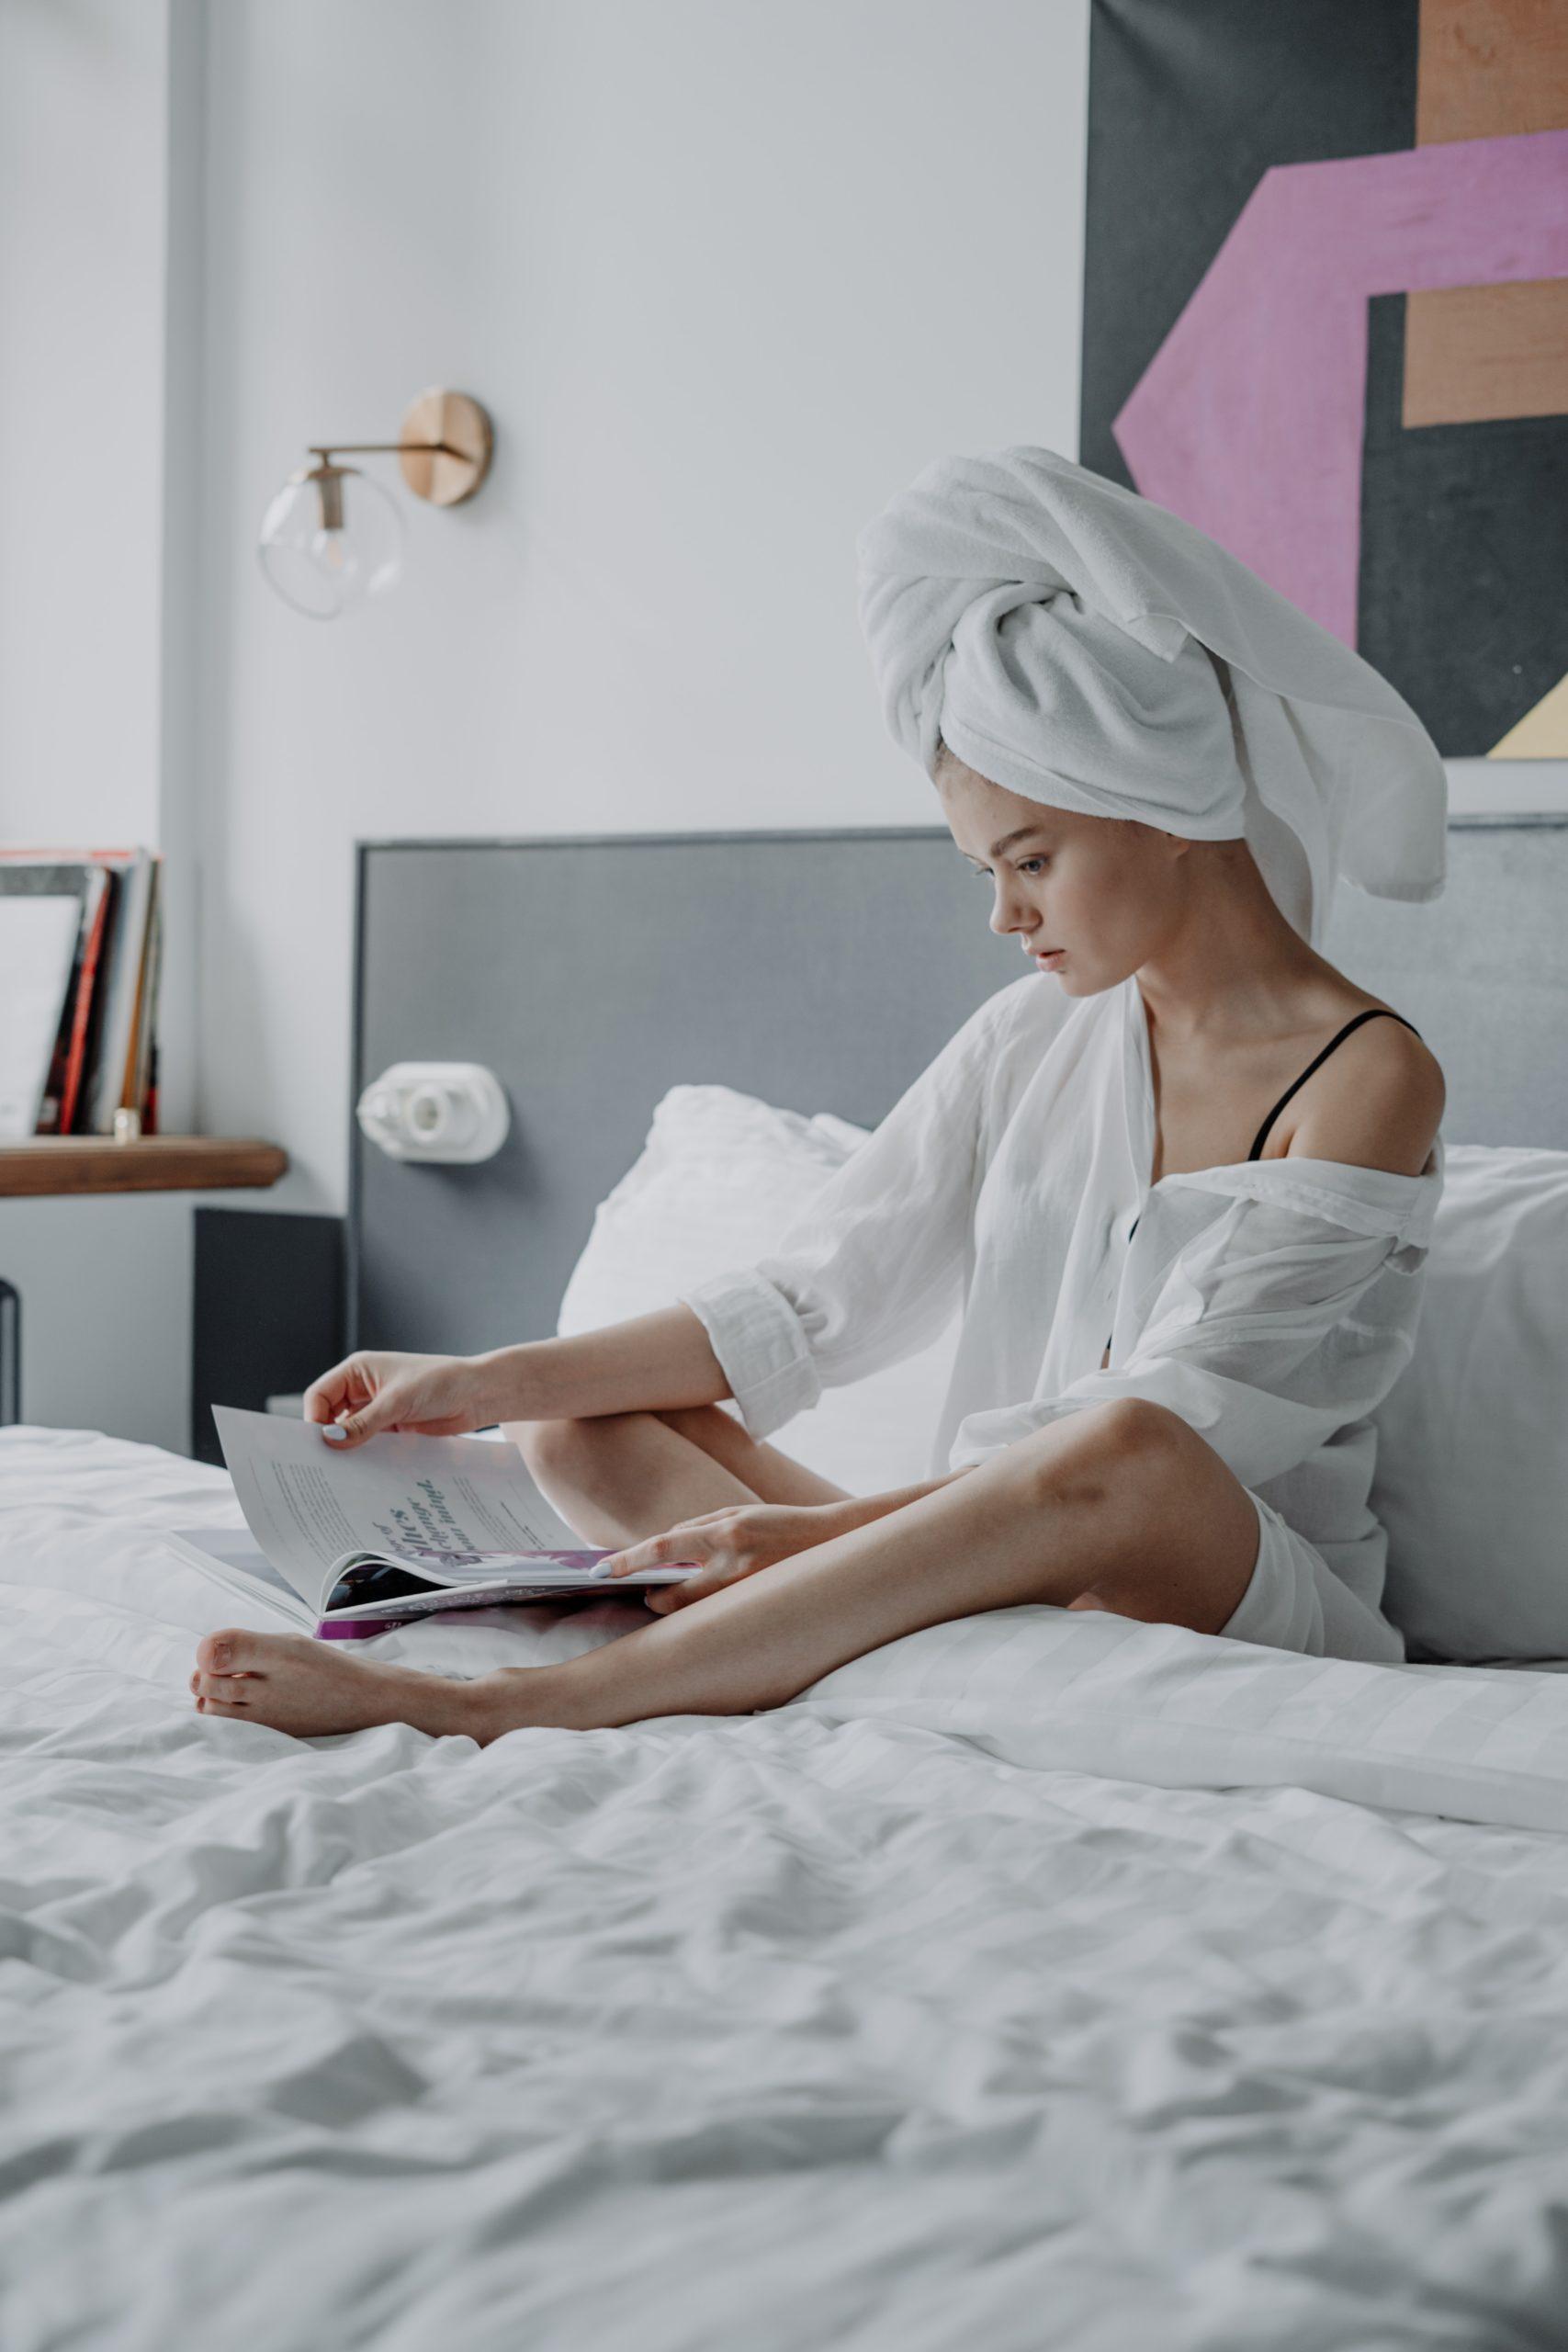 Waarom je een haarhanddoek wilt gebruiken